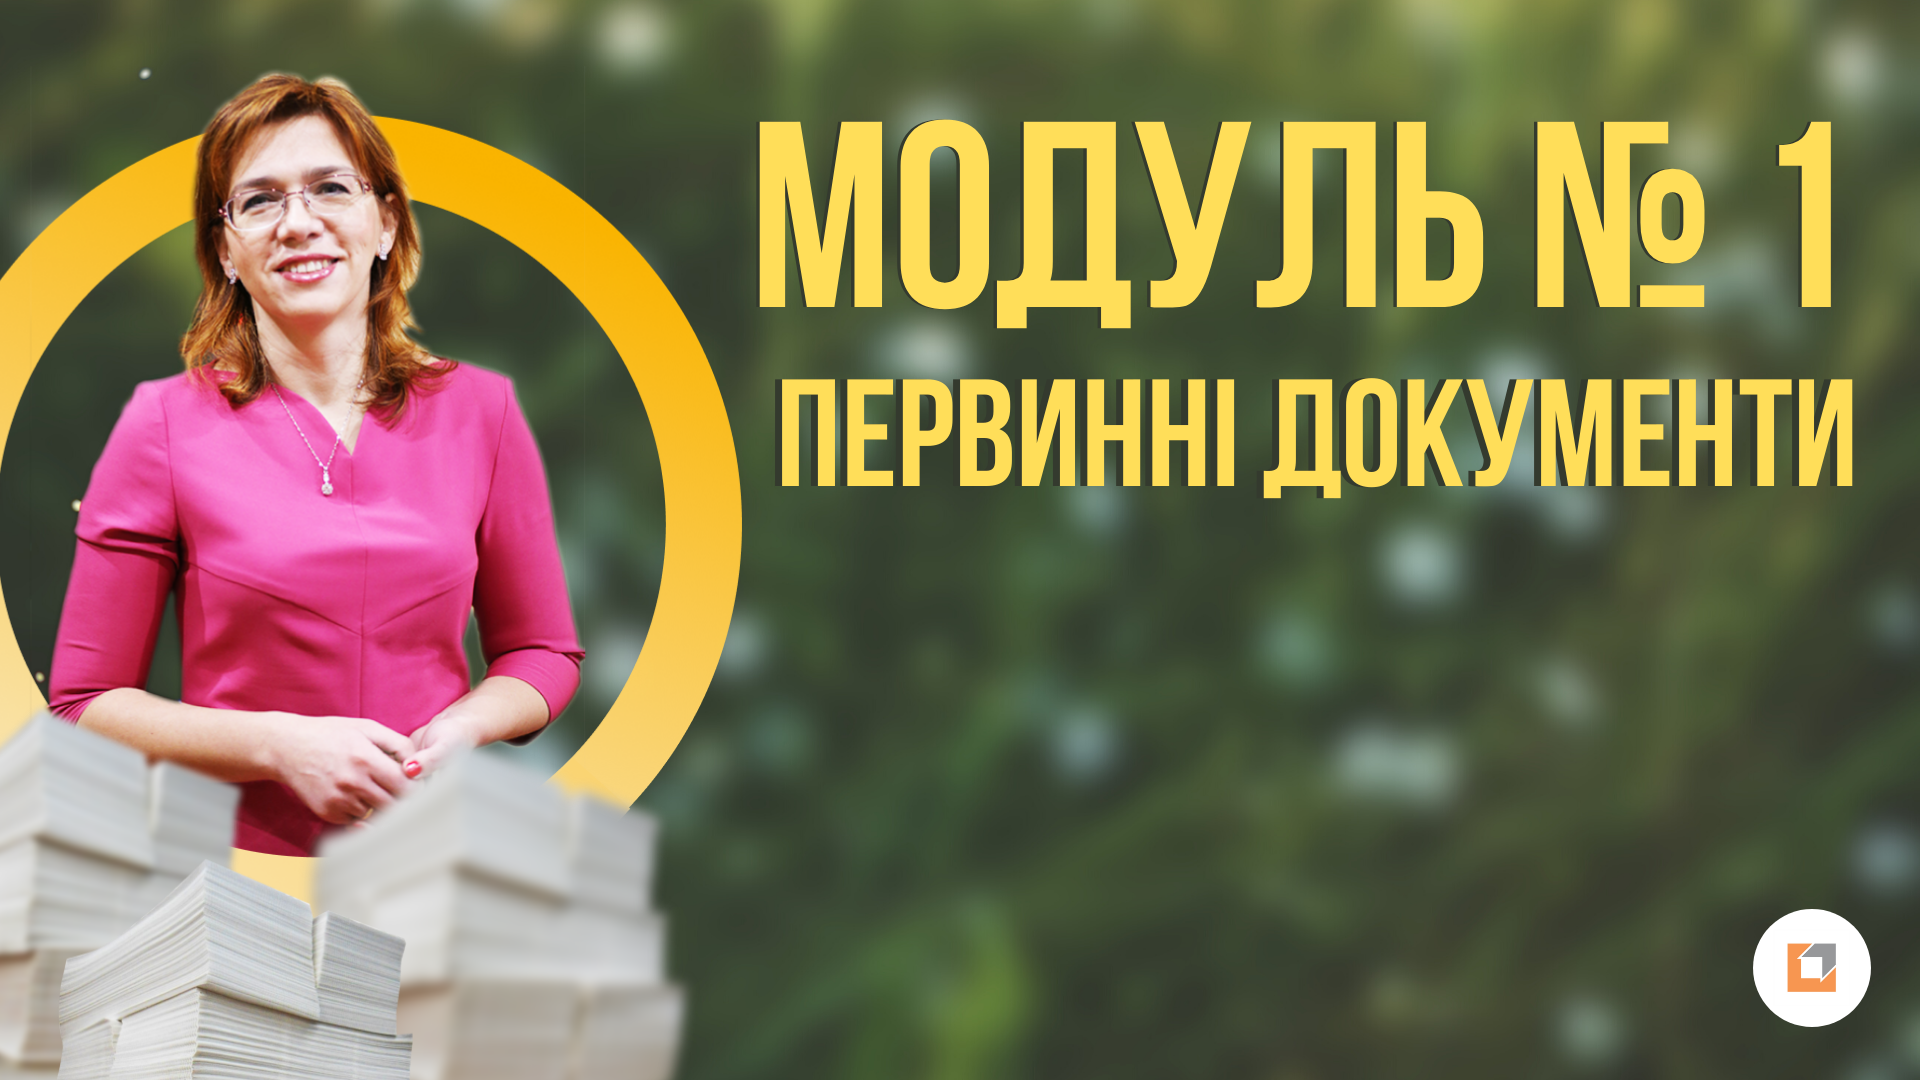 Первинн документи Курс Людмили Шахно